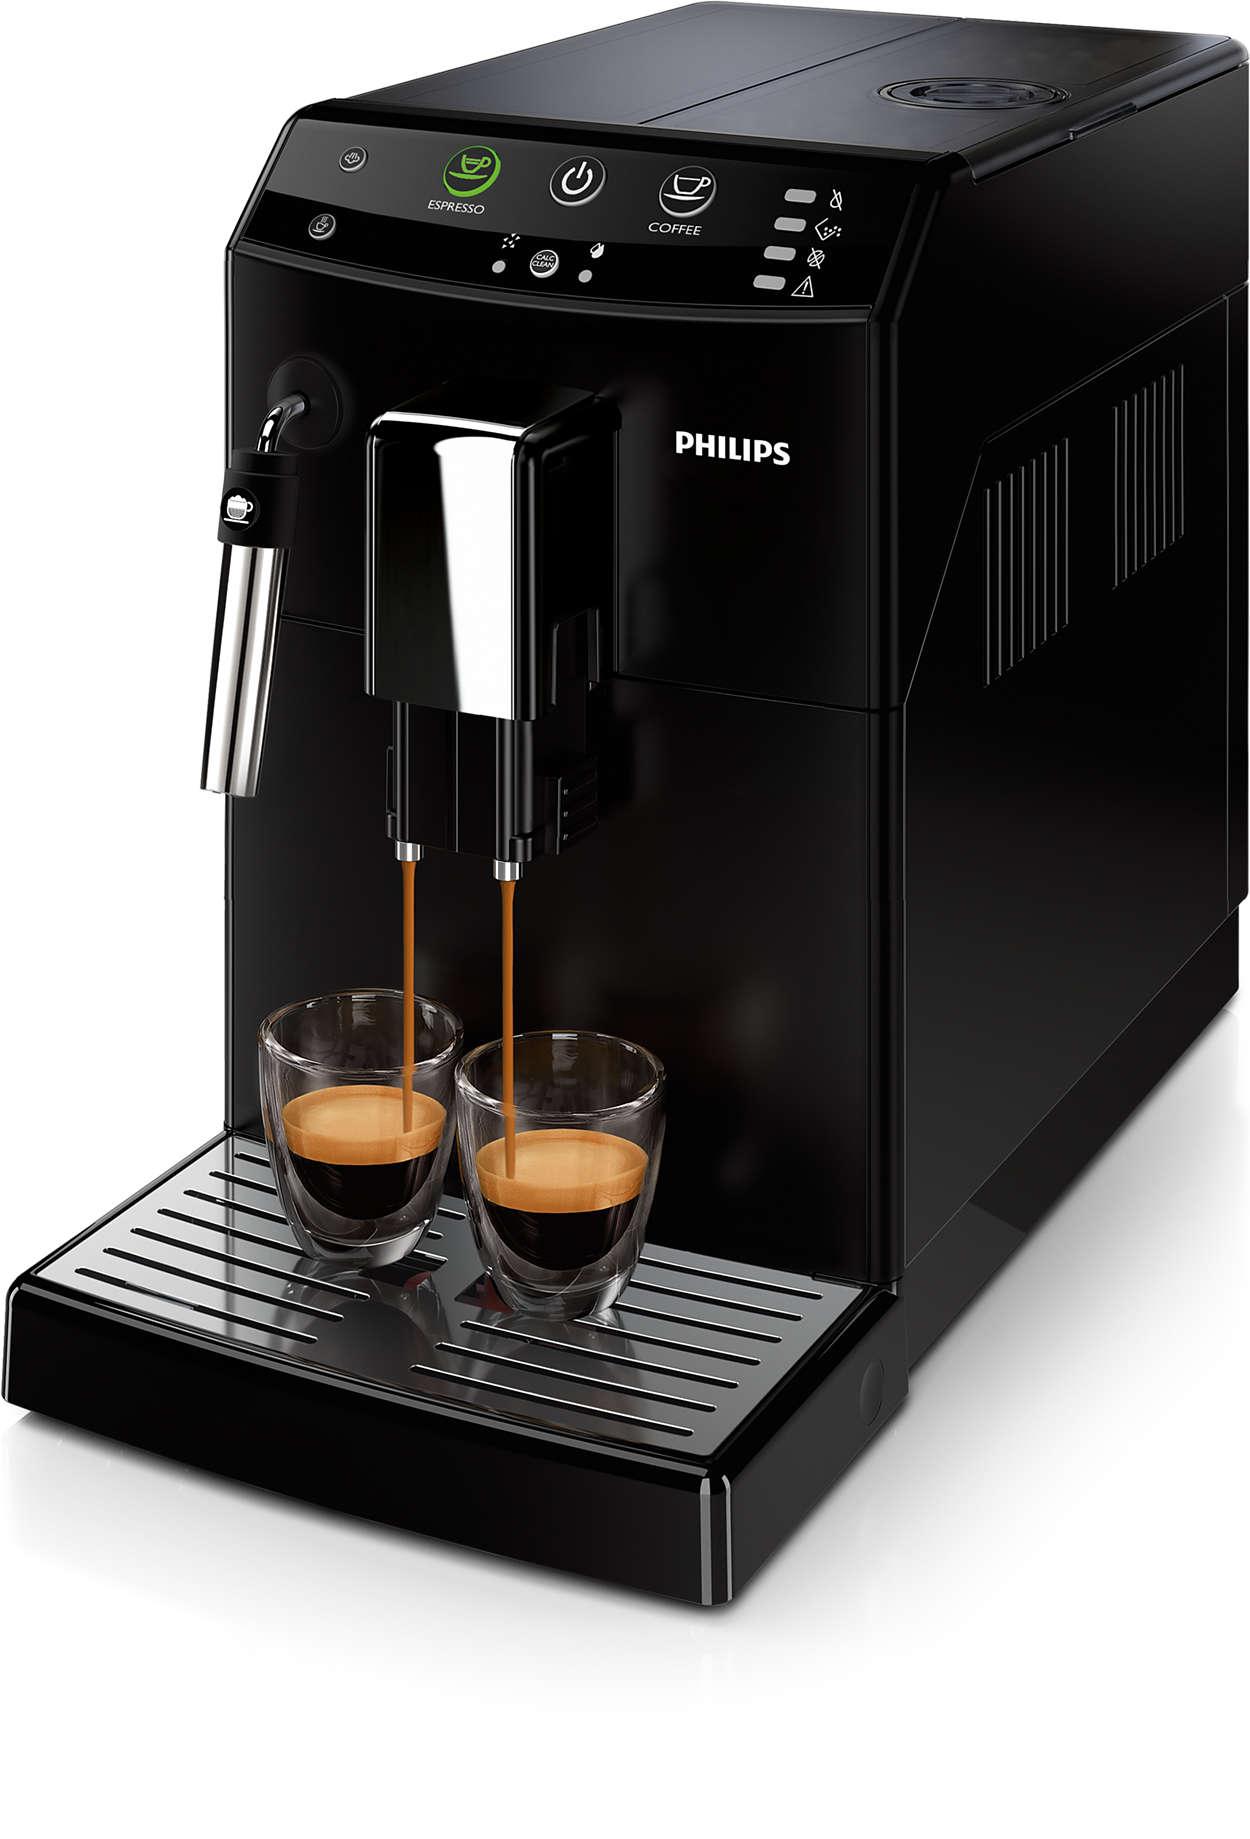 O seu café favorito de sempre, à distância de um toque